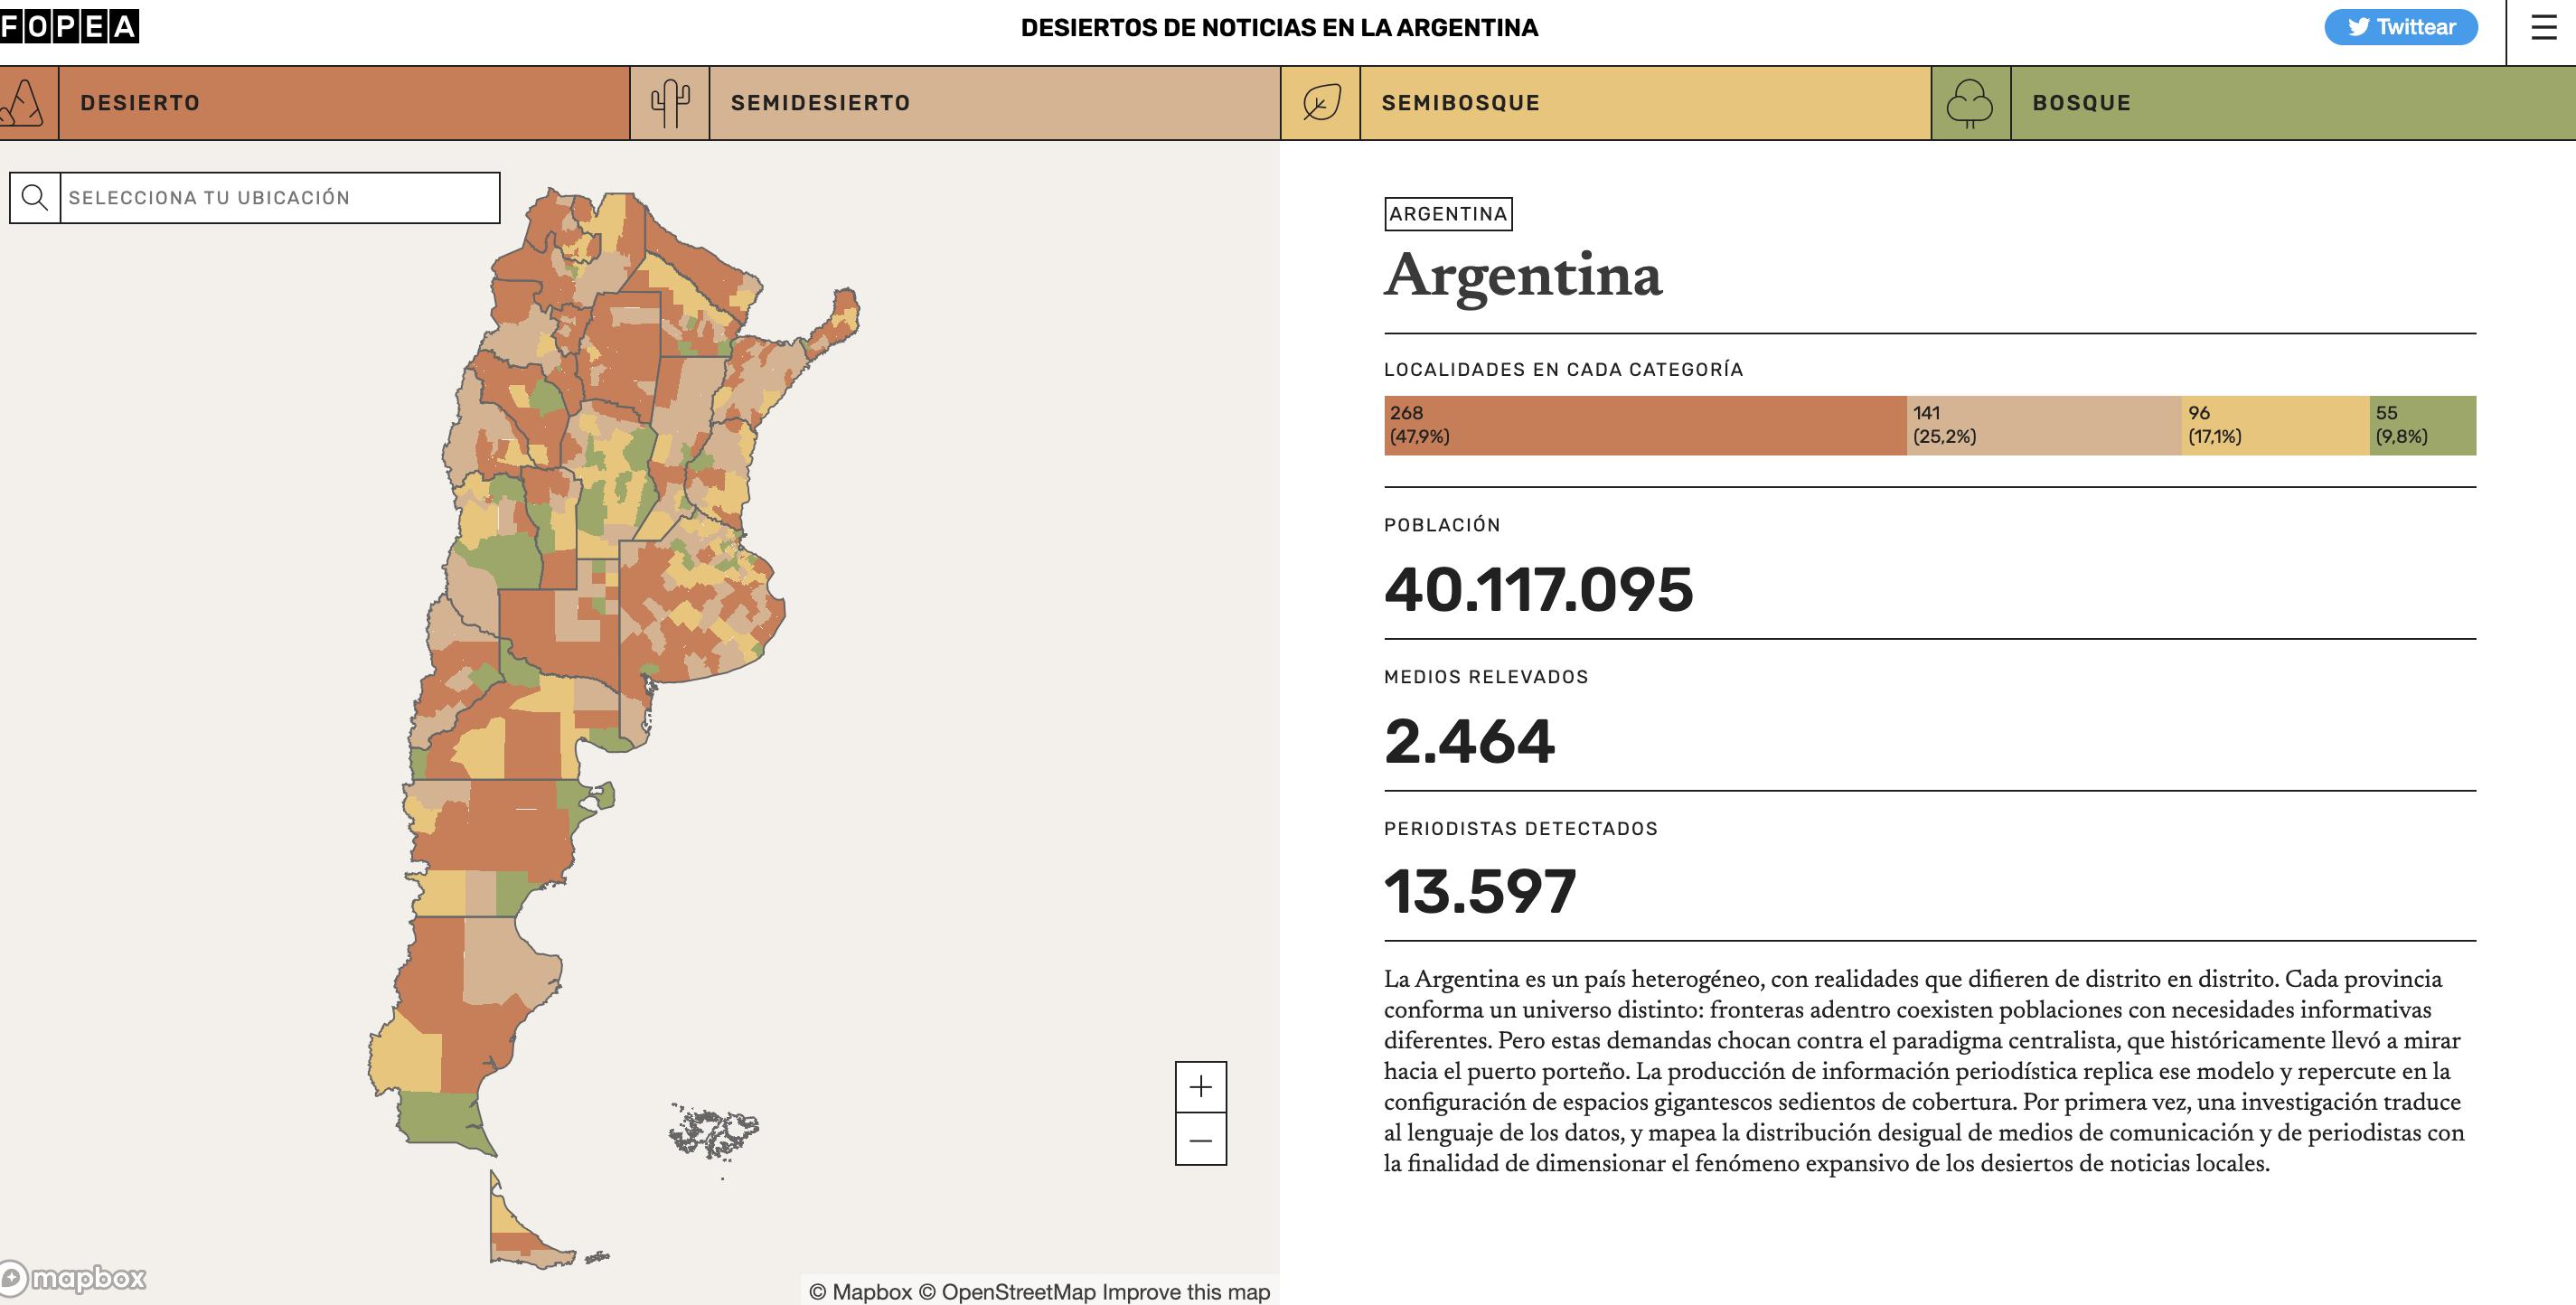 Desiertos informativos en Argentina: casi un 48 por ciento del país no cuenta con medios locales